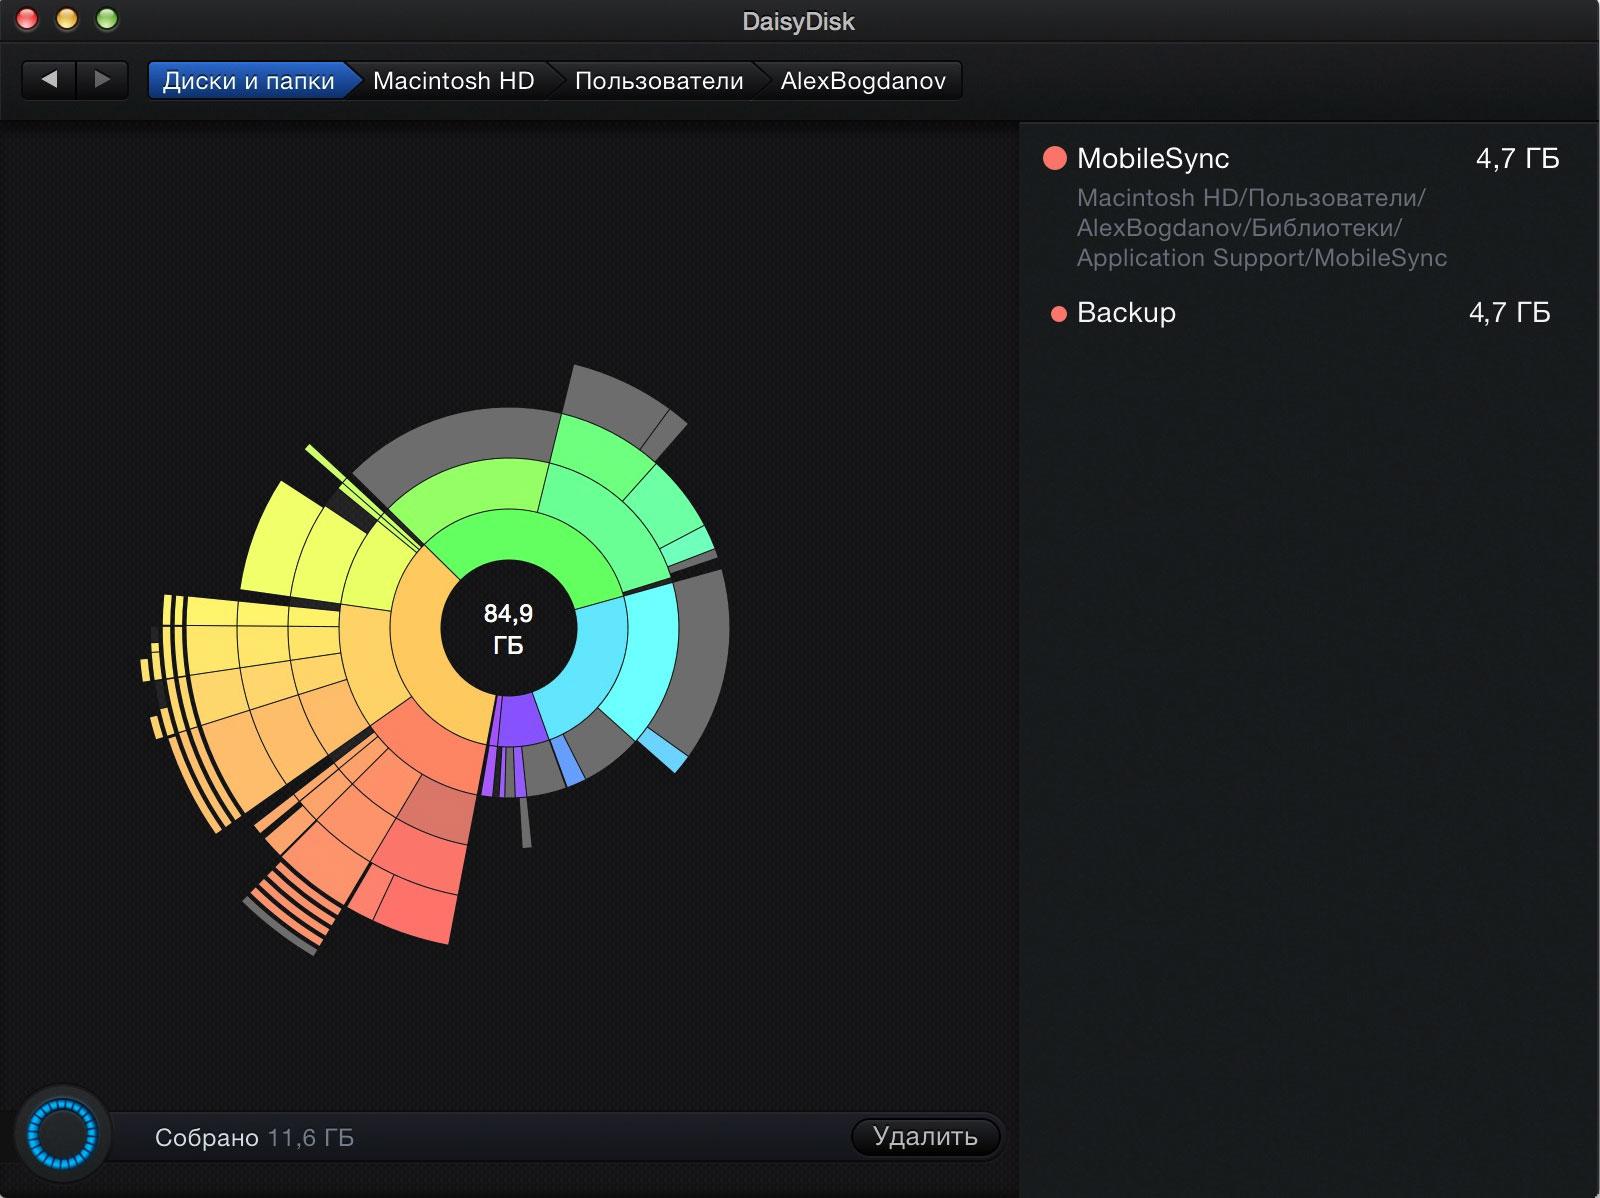 Сканирование компьютера с помощью DaisyDisk